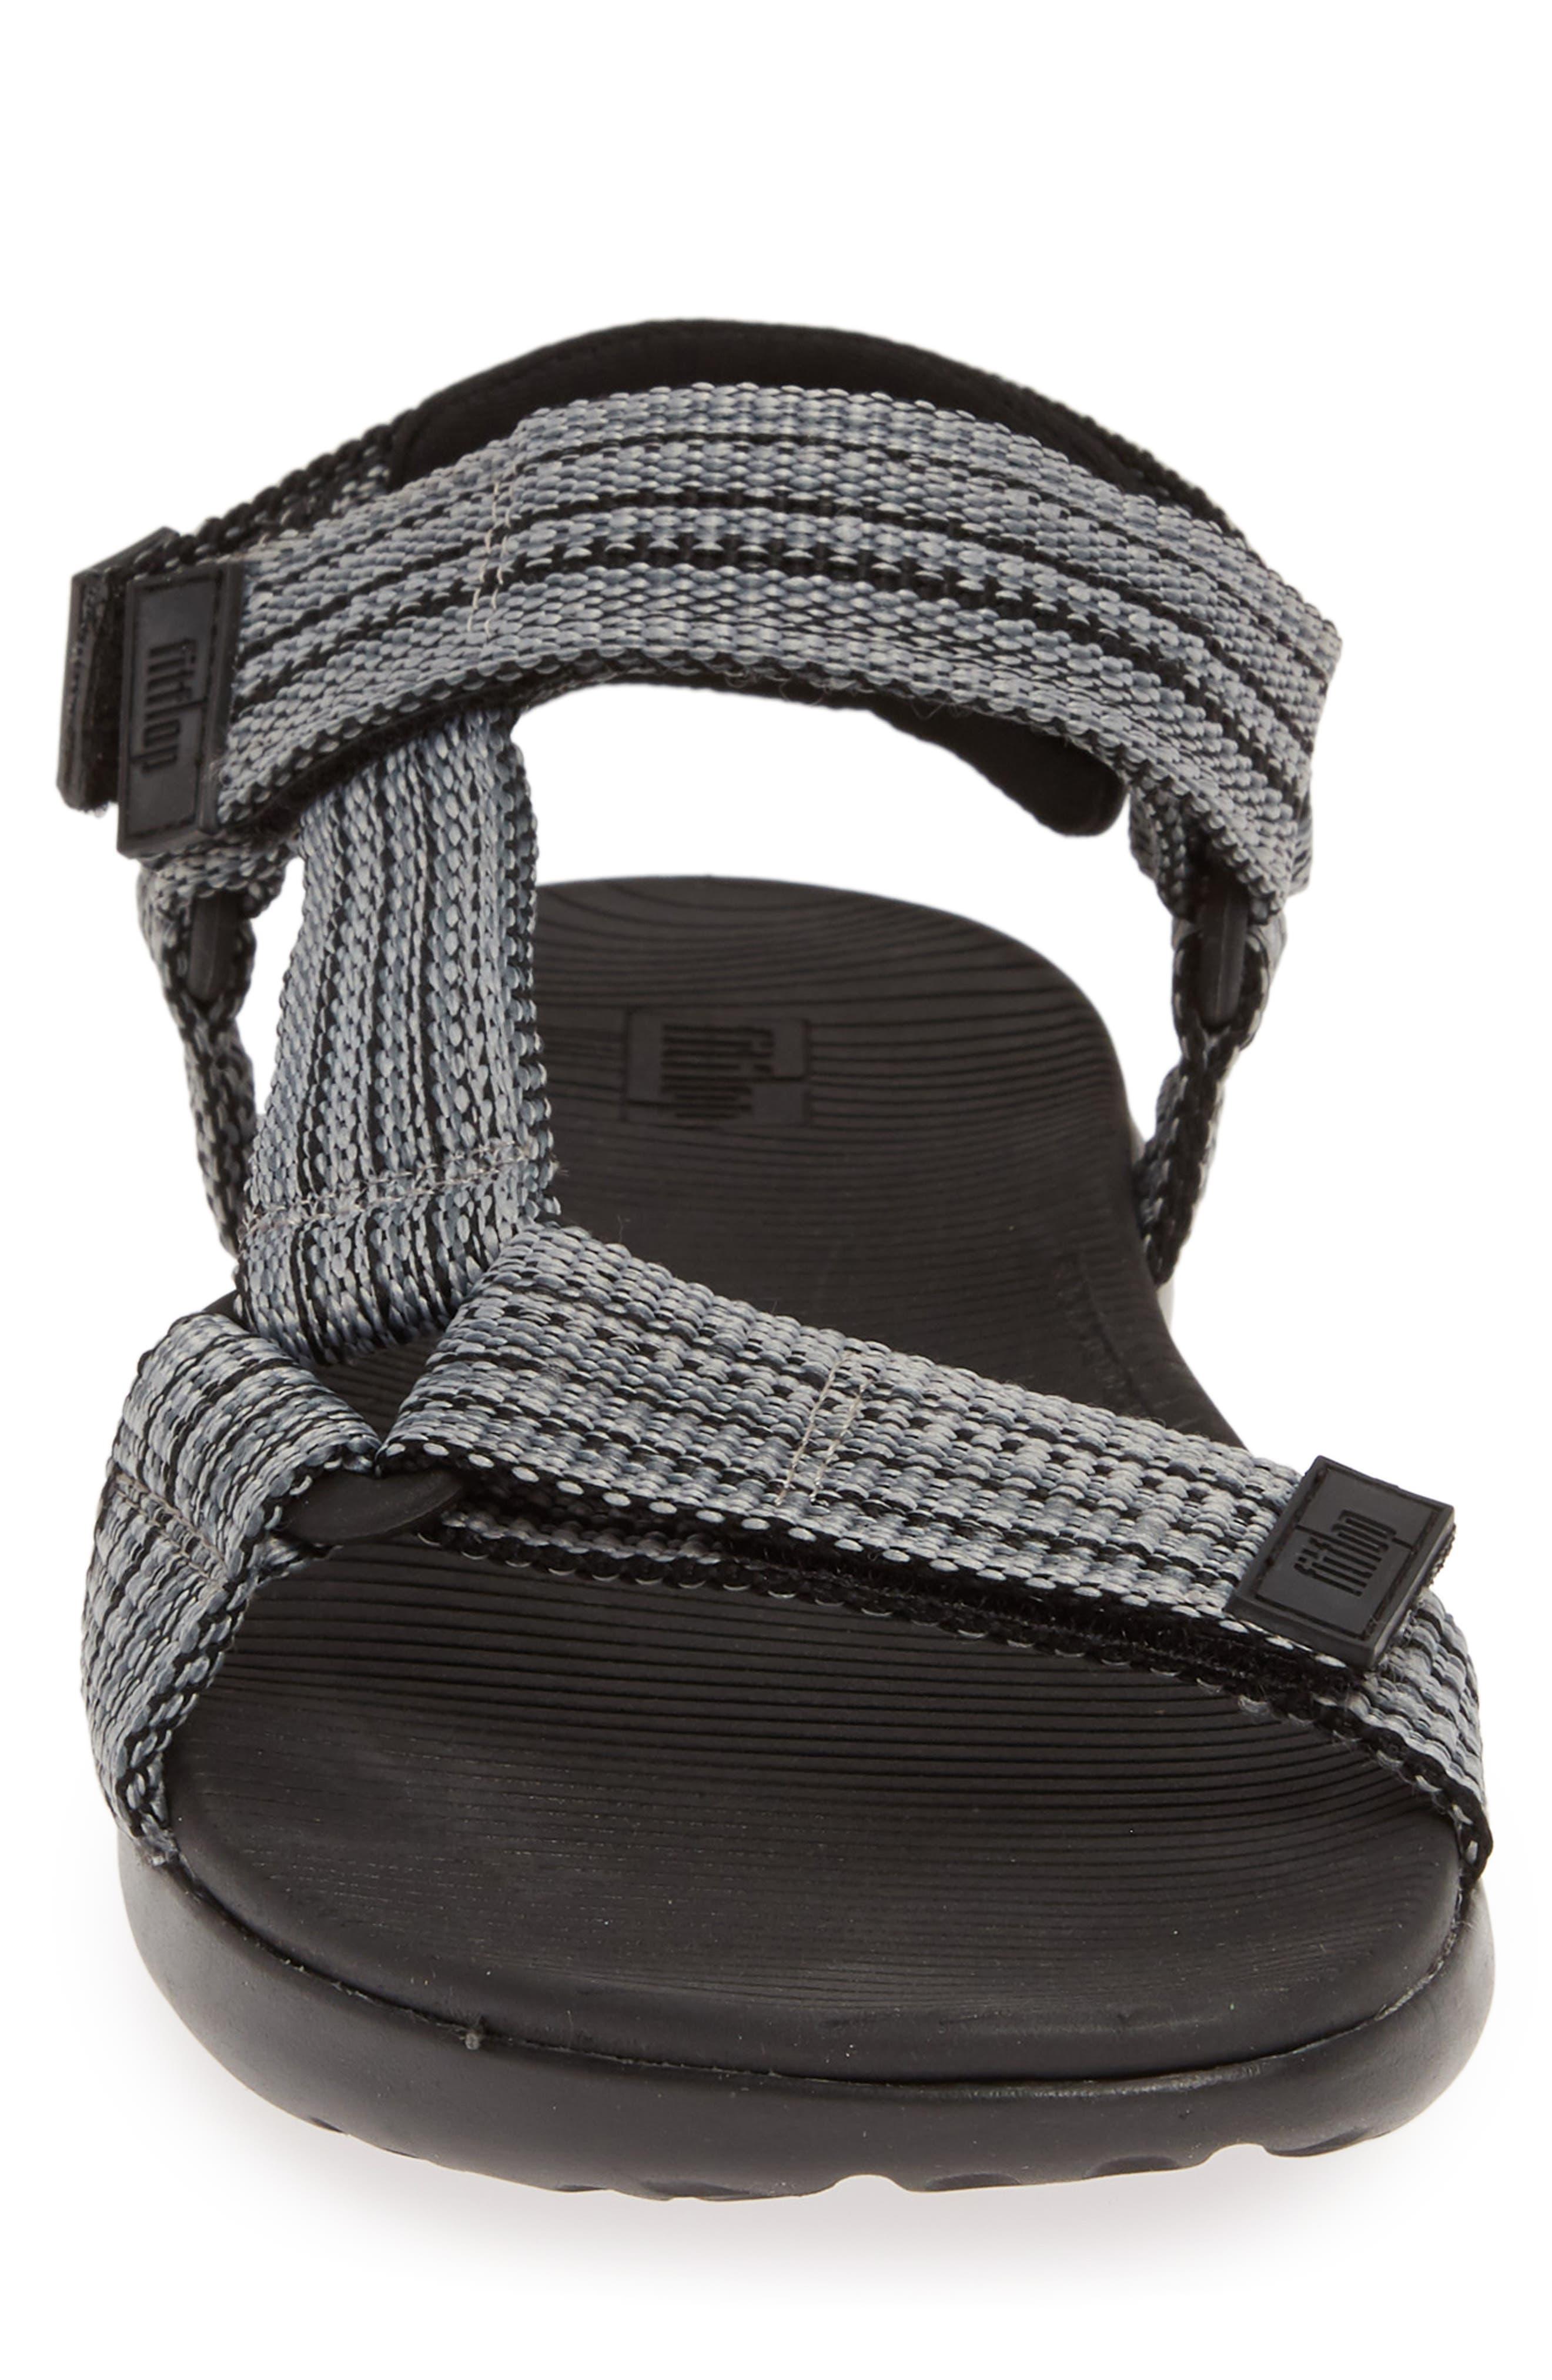 Freshweave Sport Sandal,                             Alternate thumbnail 4, color,                             BLACK KNIT